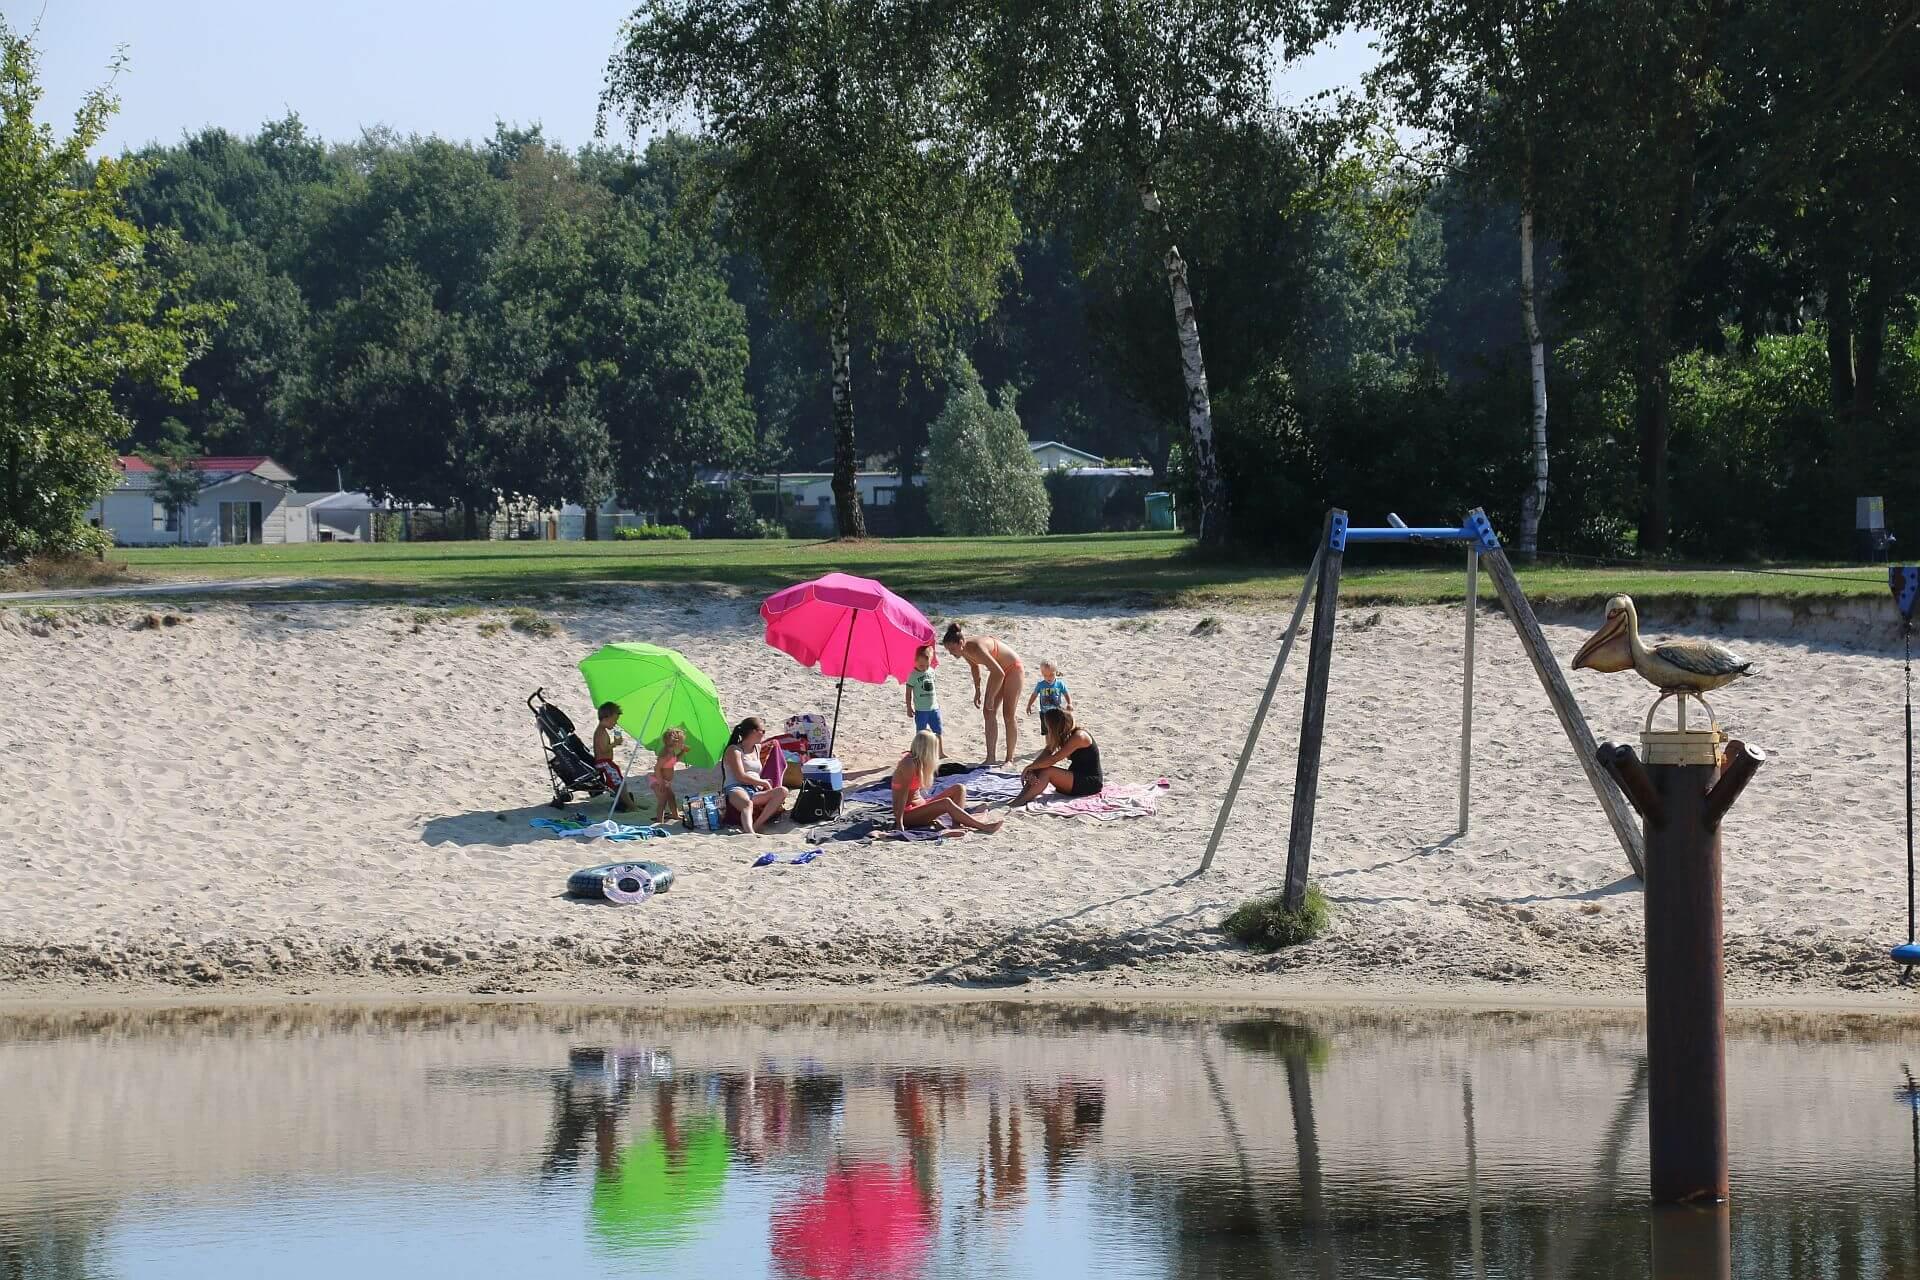 Juni arrangement camping met 5 sterren - juni arrangement camping